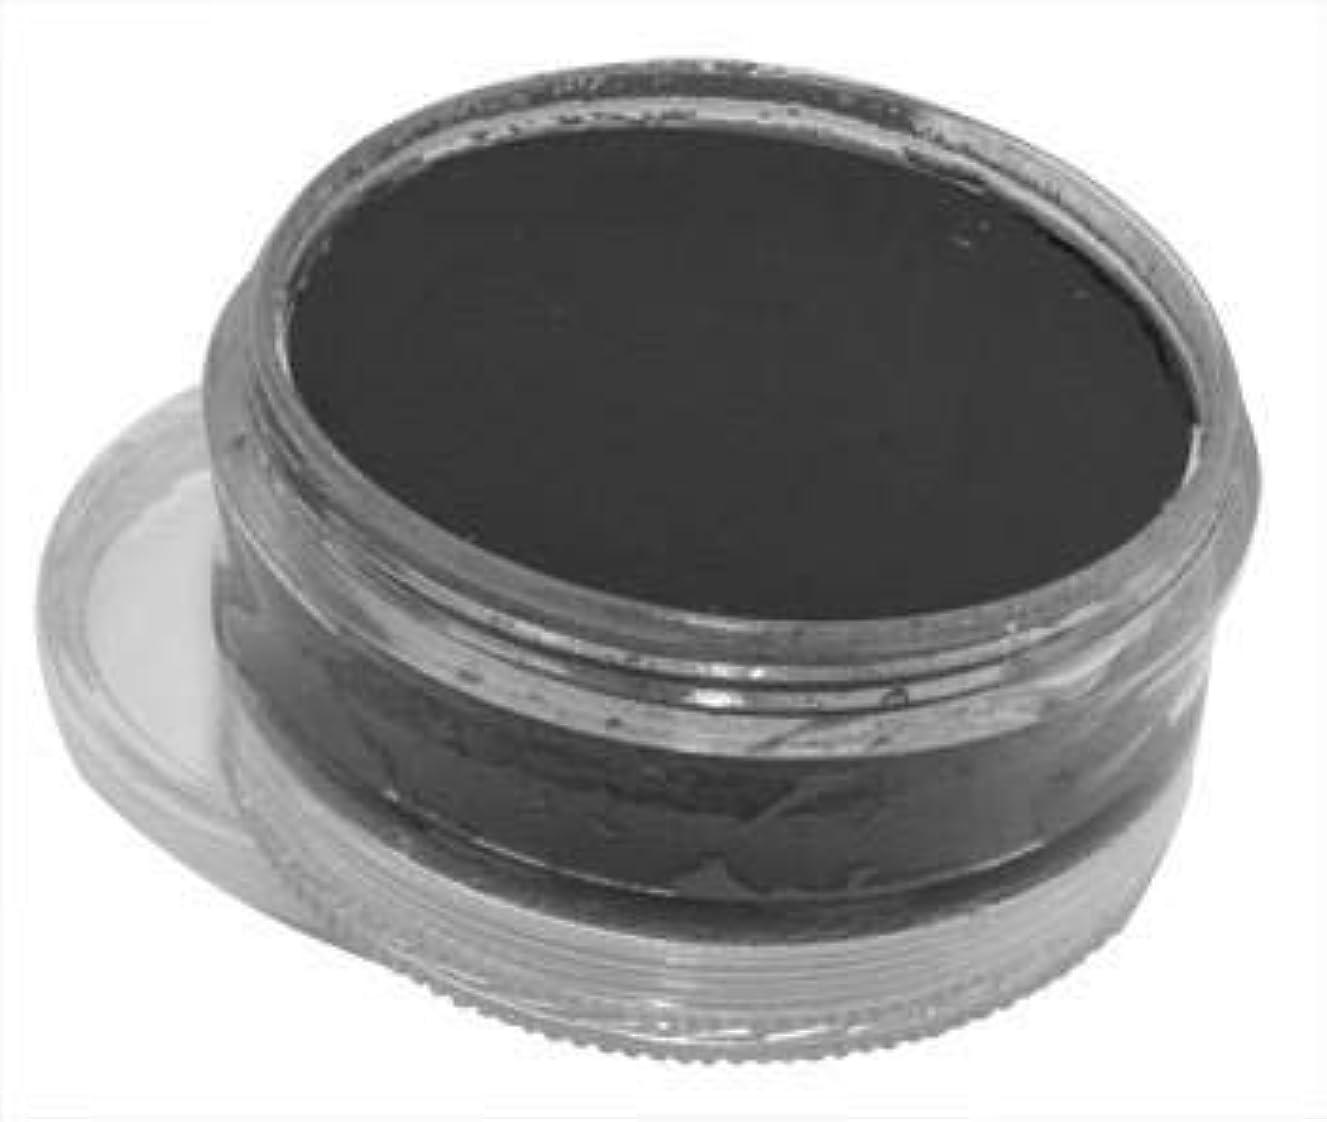 Wolfe Face Paints - Black 10 (3.1 oz/90 gm)